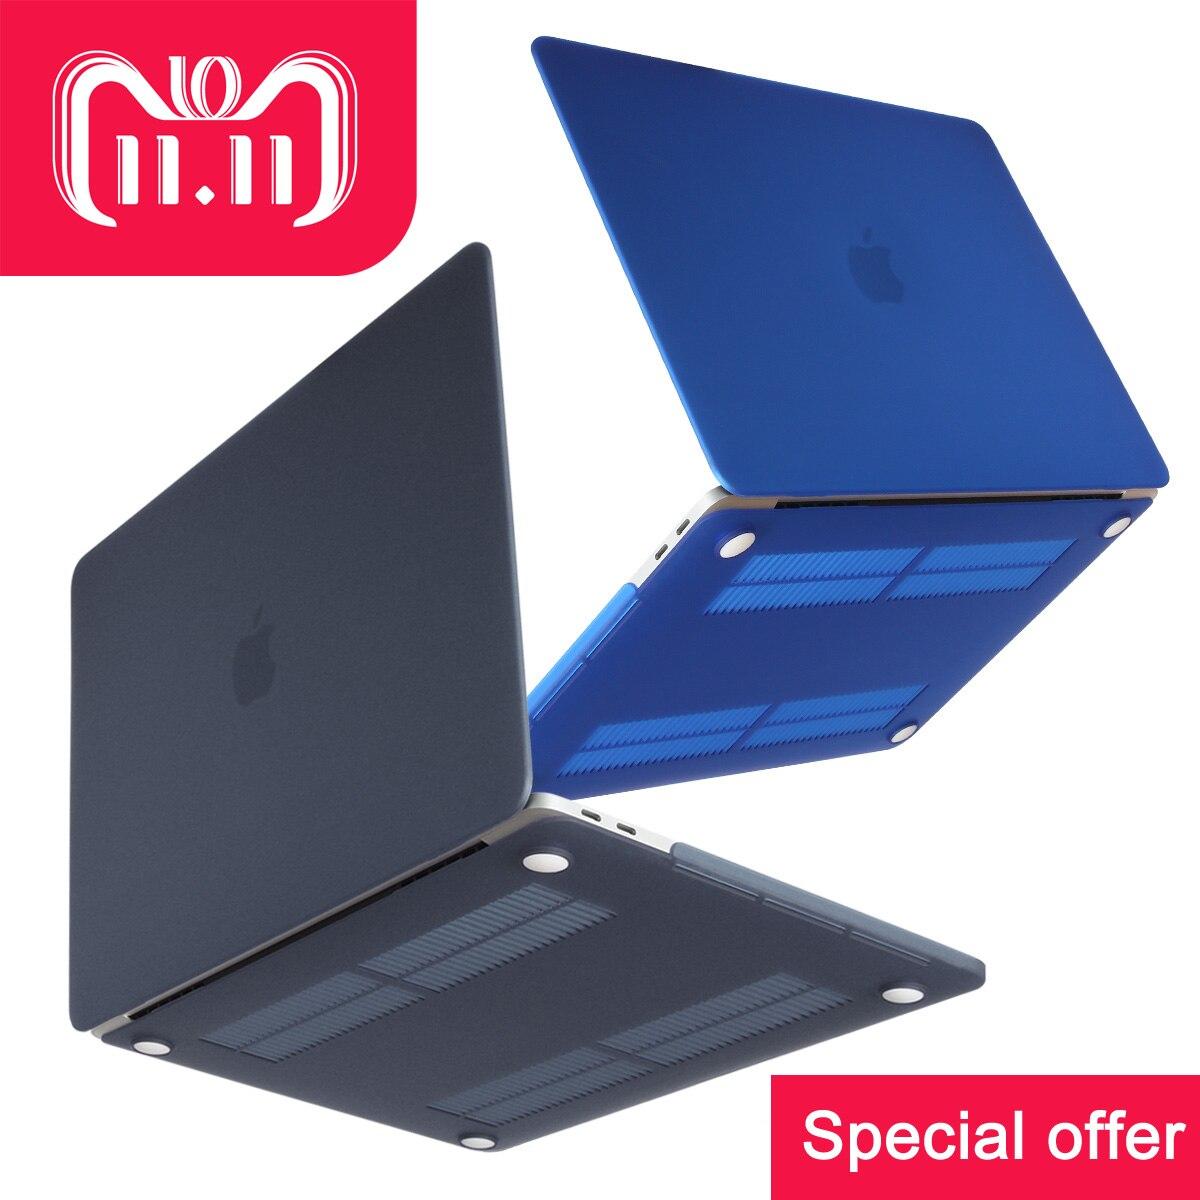 Spezielle bieten laptop Fall Für Apple macbook Air Pro Retina 11 12 13 15 Für Mac buch 13,3 zoll mit touch Bar